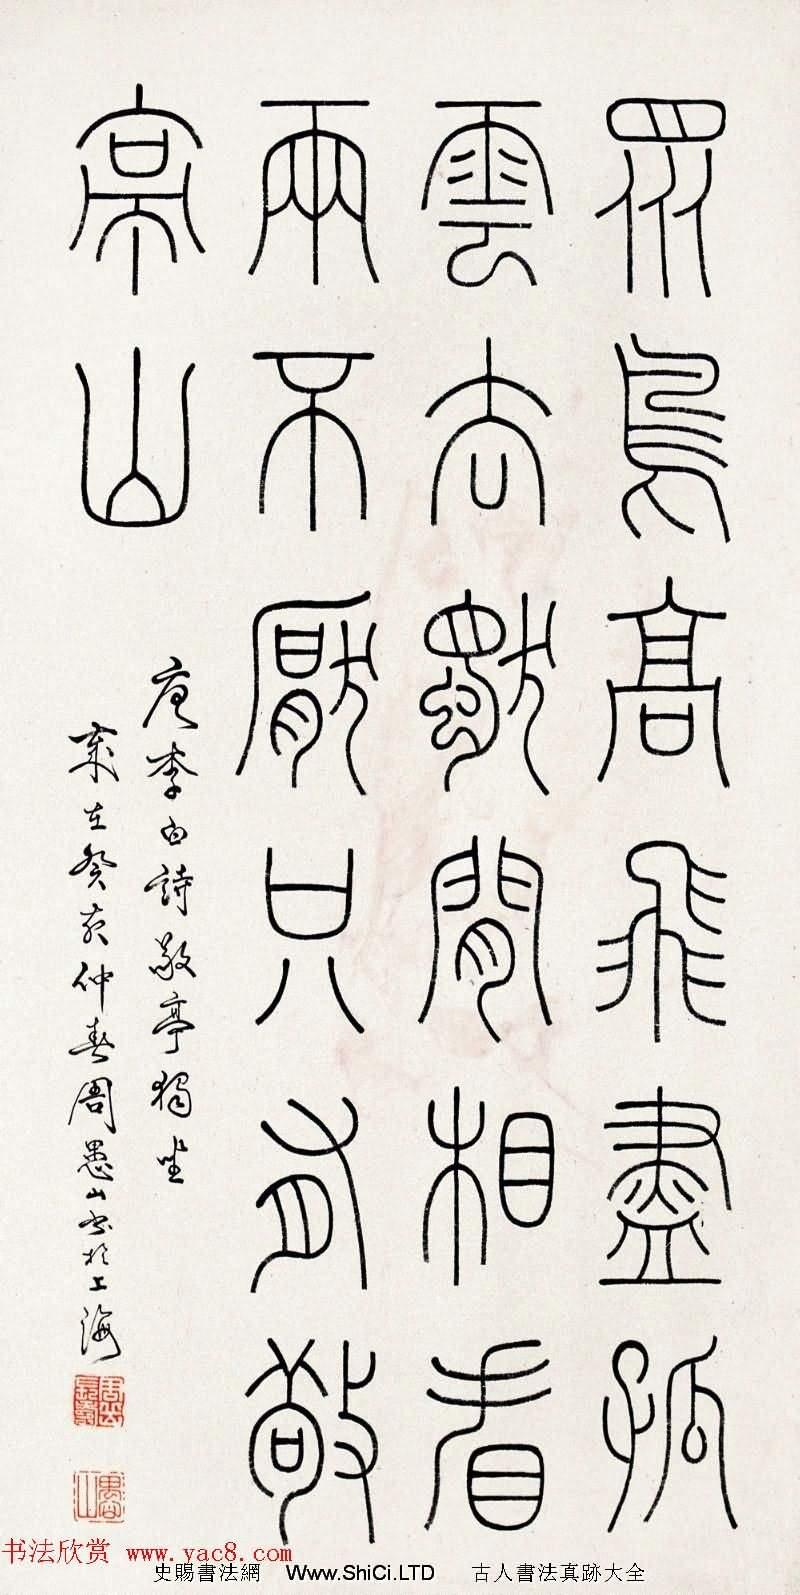 「四體碑范」周愚山書法作品真跡欣賞(共12張圖片)